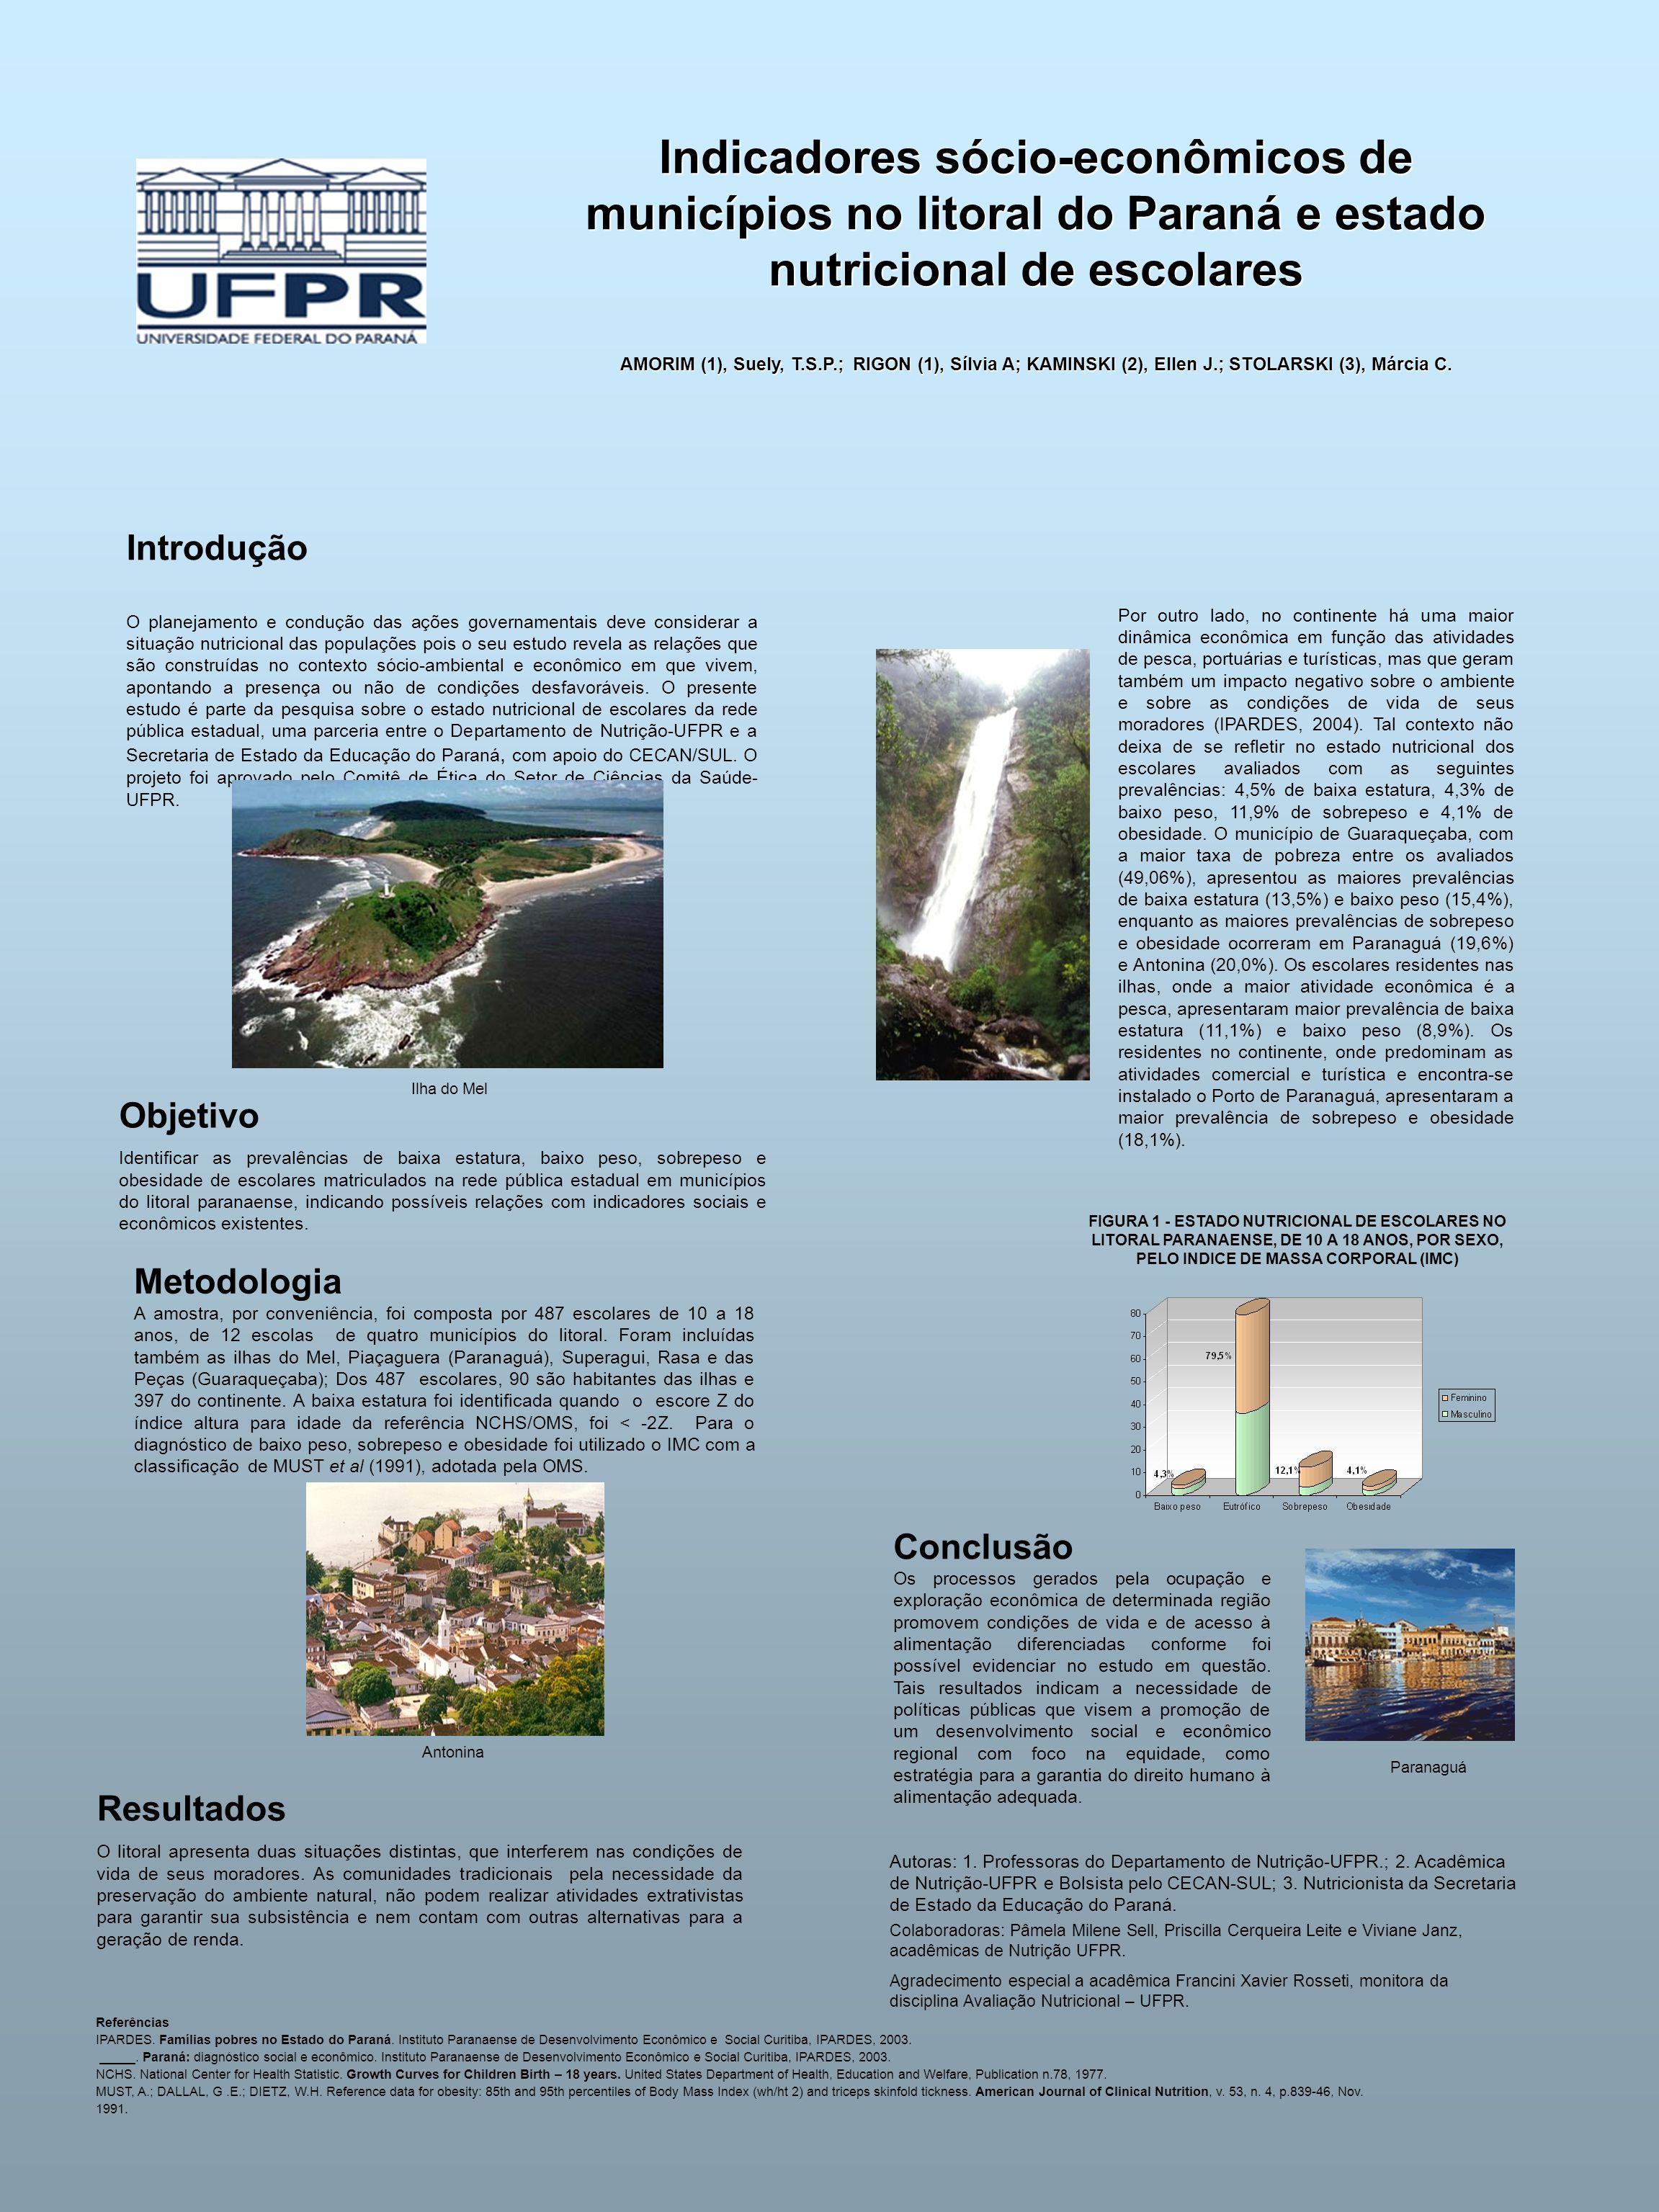 Indicadores sócio-econômicos de municípios no litoral do Paraná e estado nutricional de escolares AMORIM (1), Suely, T.S.P.; RIGON (1), Sílvia A; KAMI